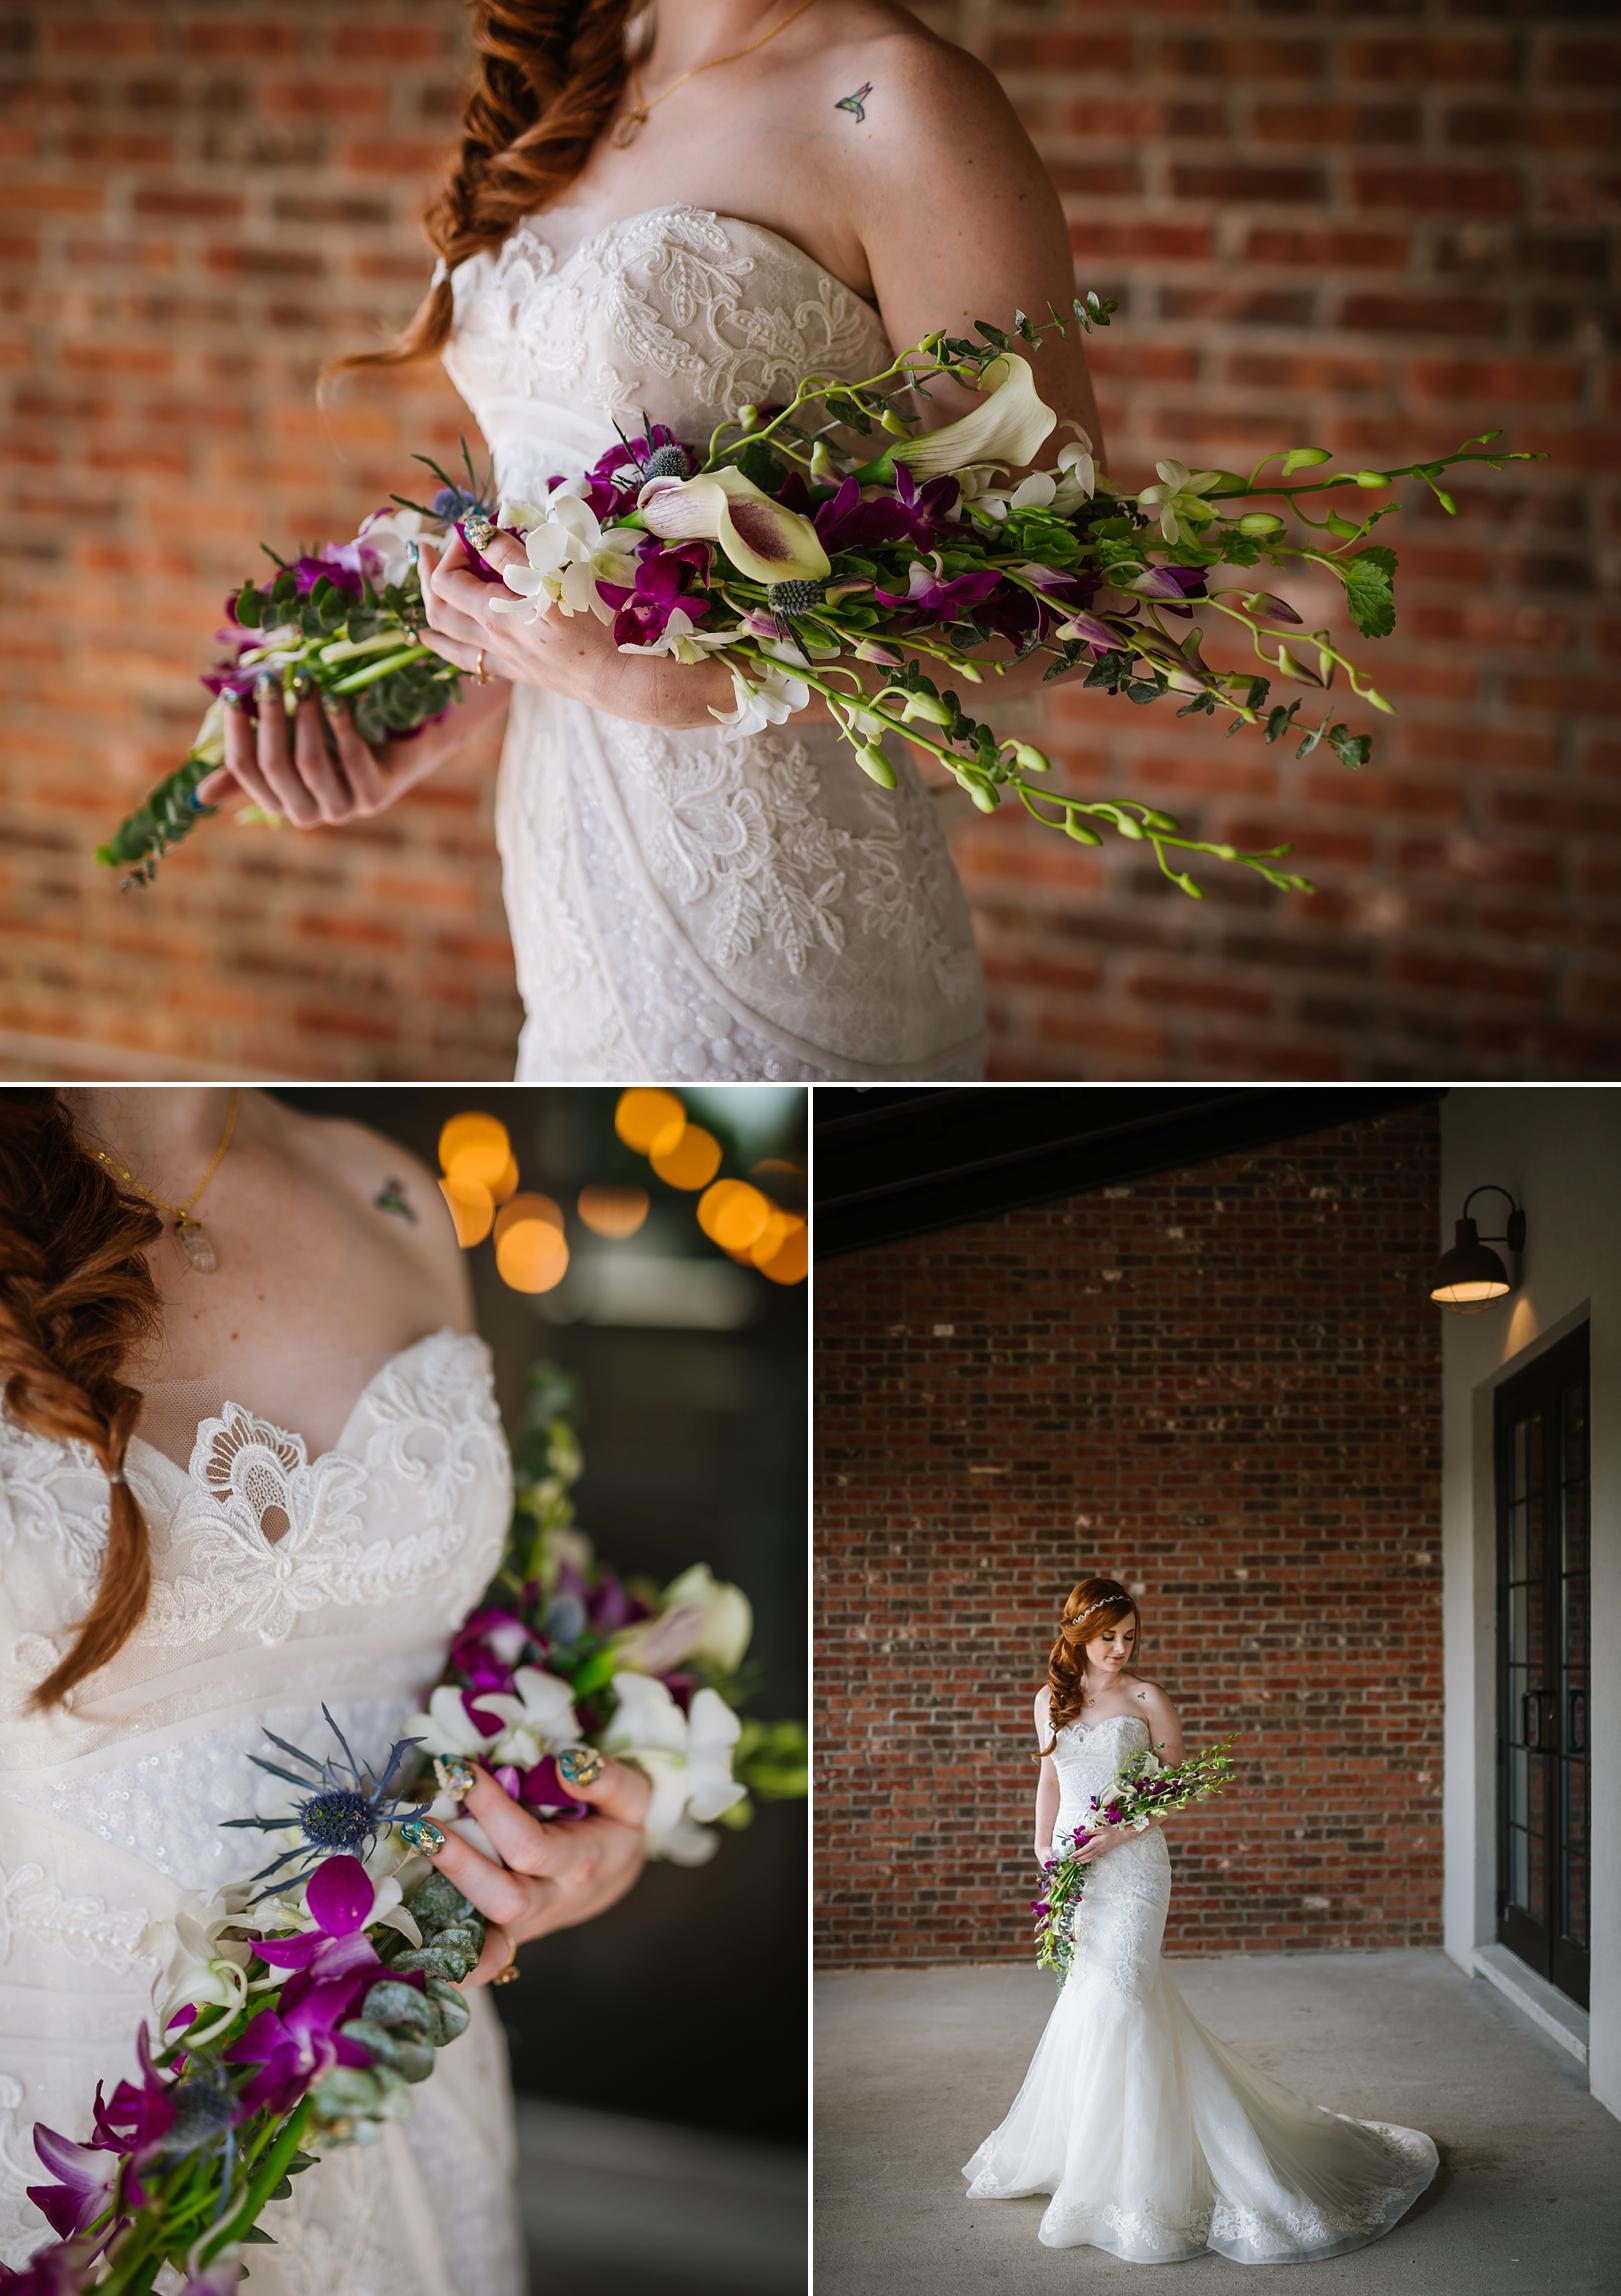 blue-nautical-brewery-unique-wedding-inspiration-photography-ashlee-hamon_0016.jpg